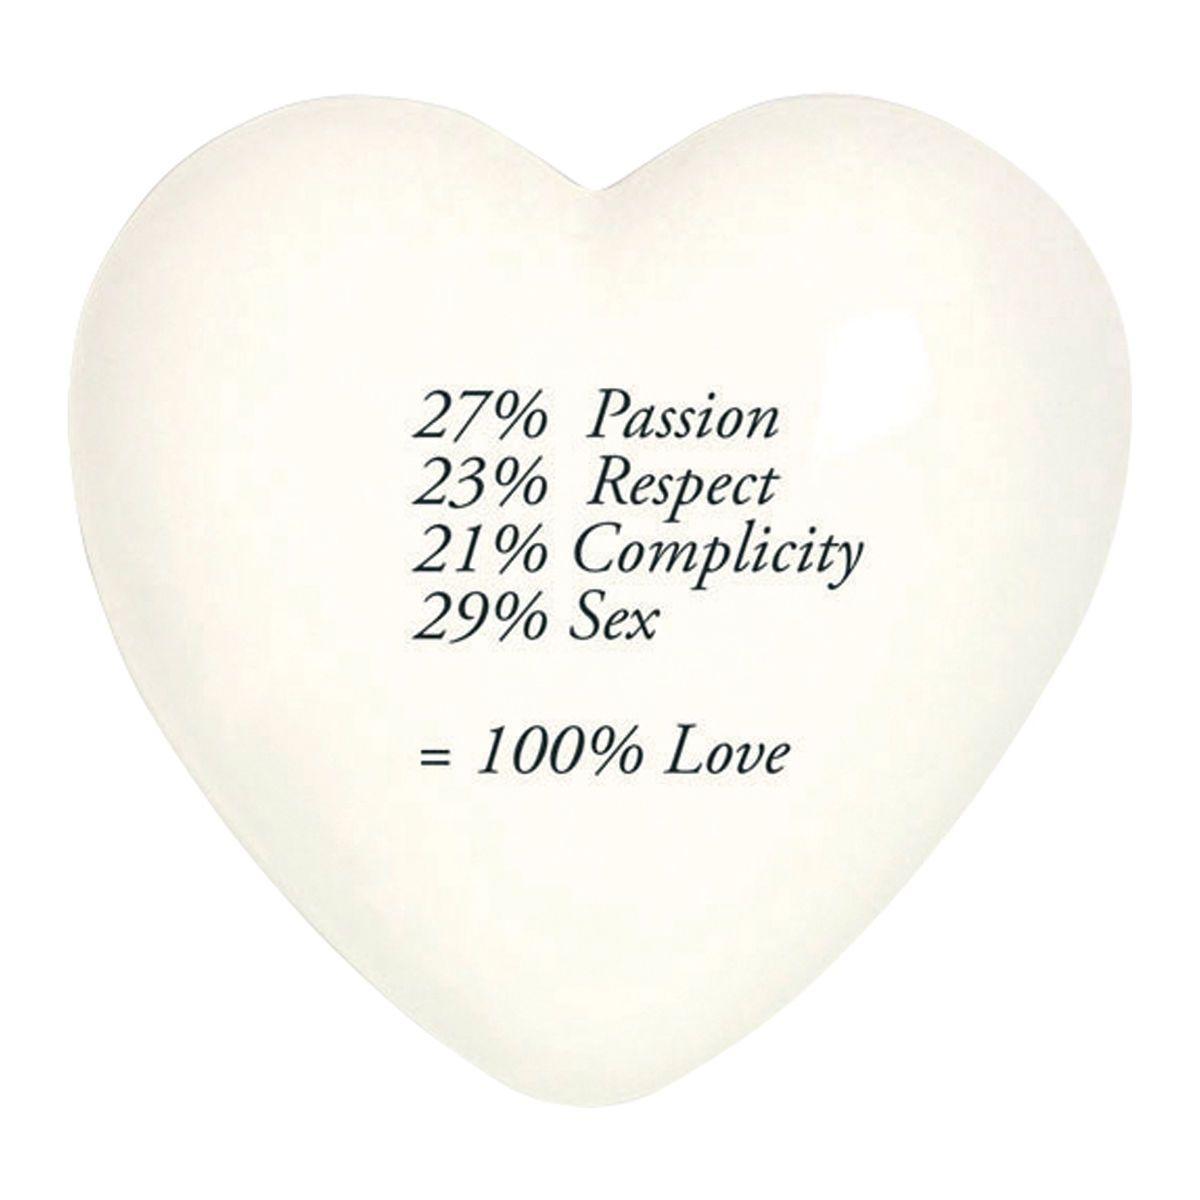 Heartgallery cuore ceramica 100 love CUO10 retro sq